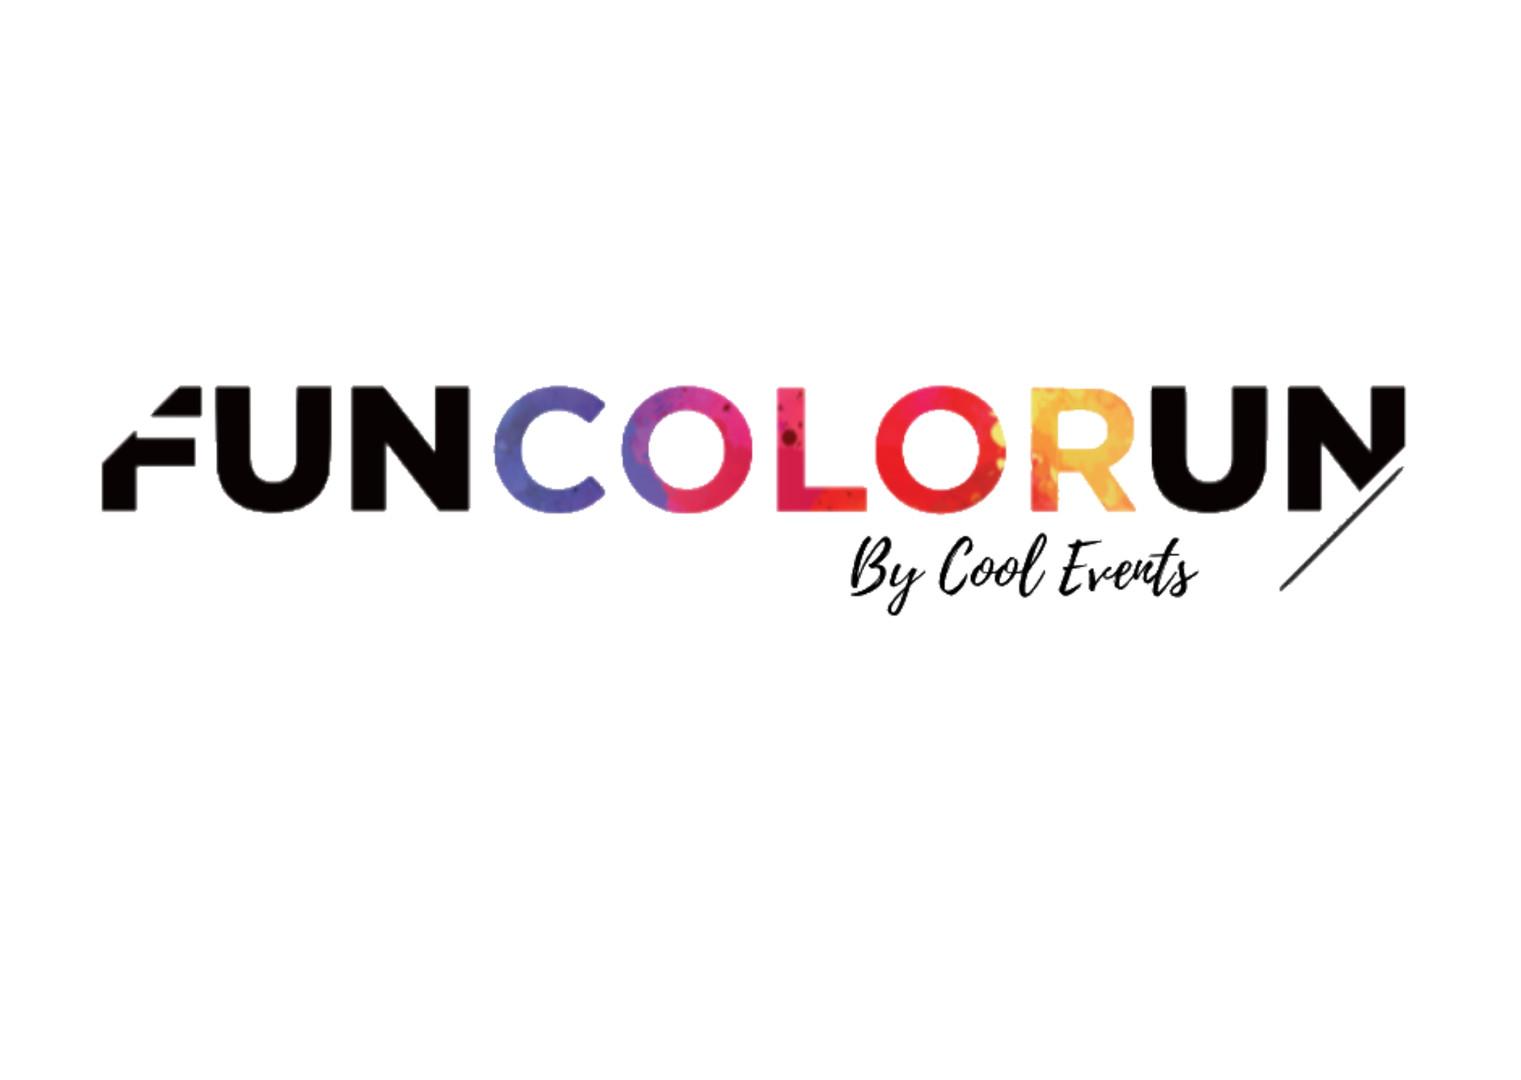 funcolorun.jpg